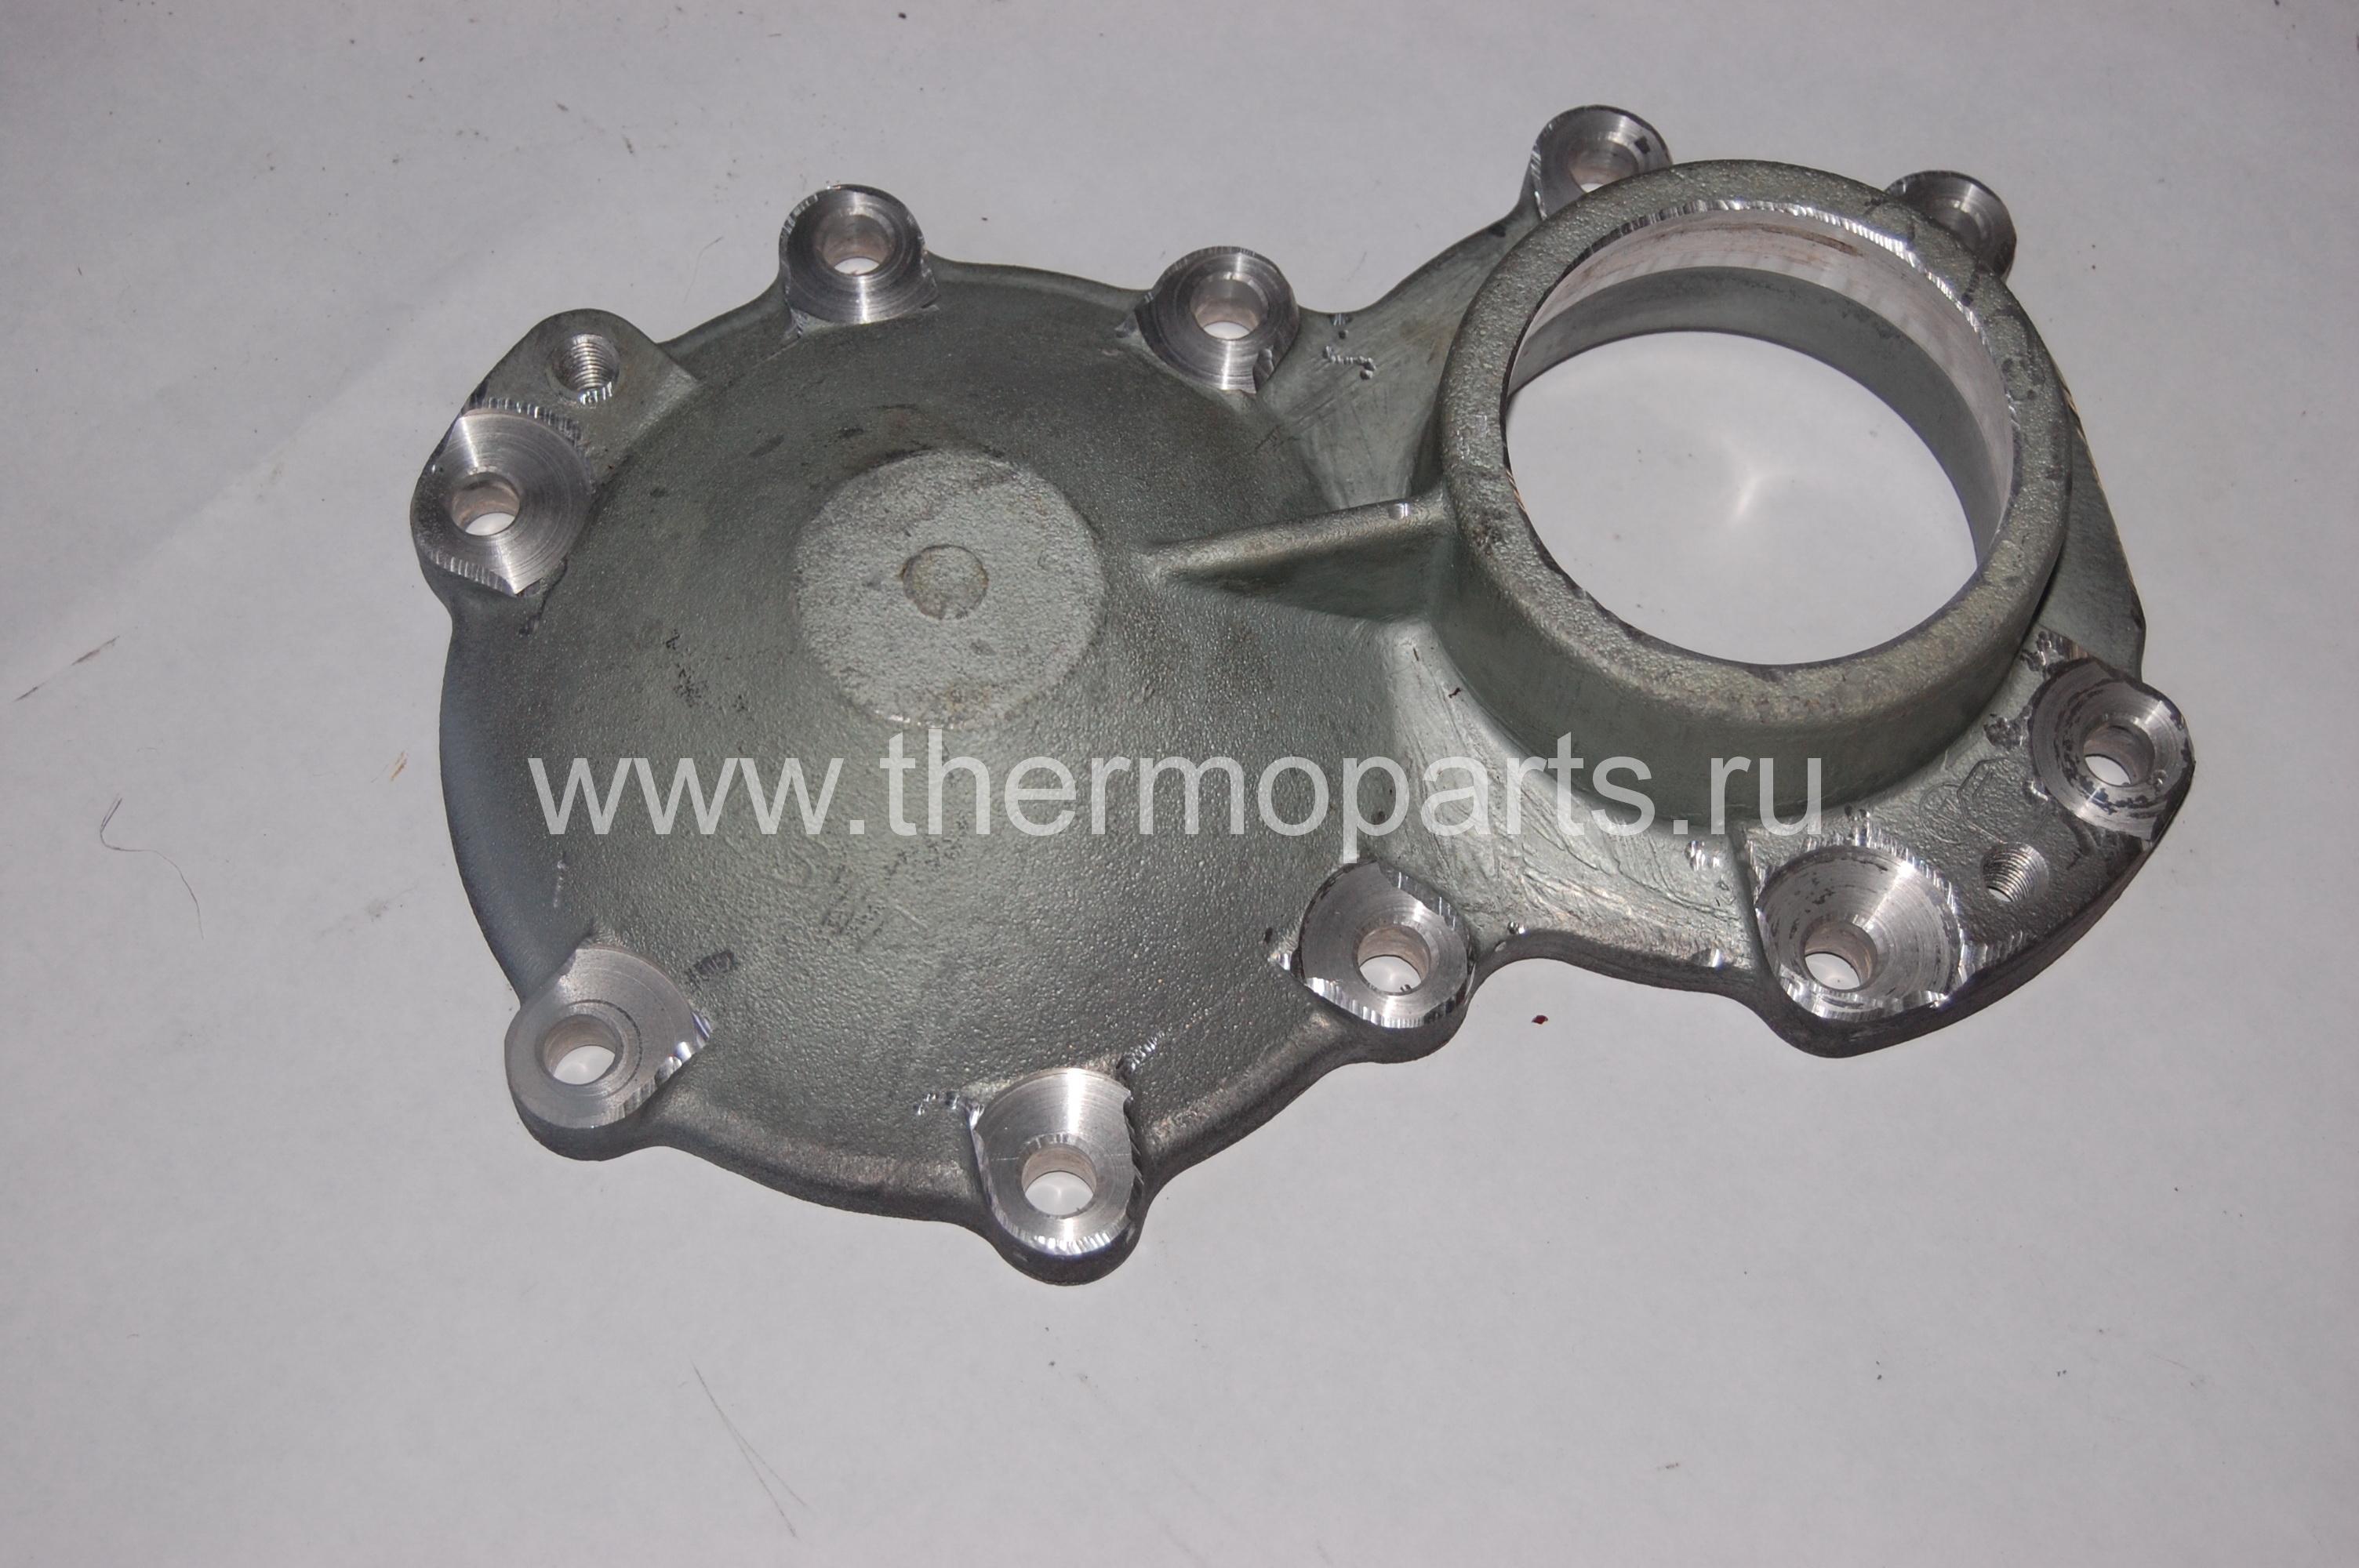 Крышка задняя главной передачи (34039-2601182) ЗЗГТ, ТТМ, ГАЗ-34039